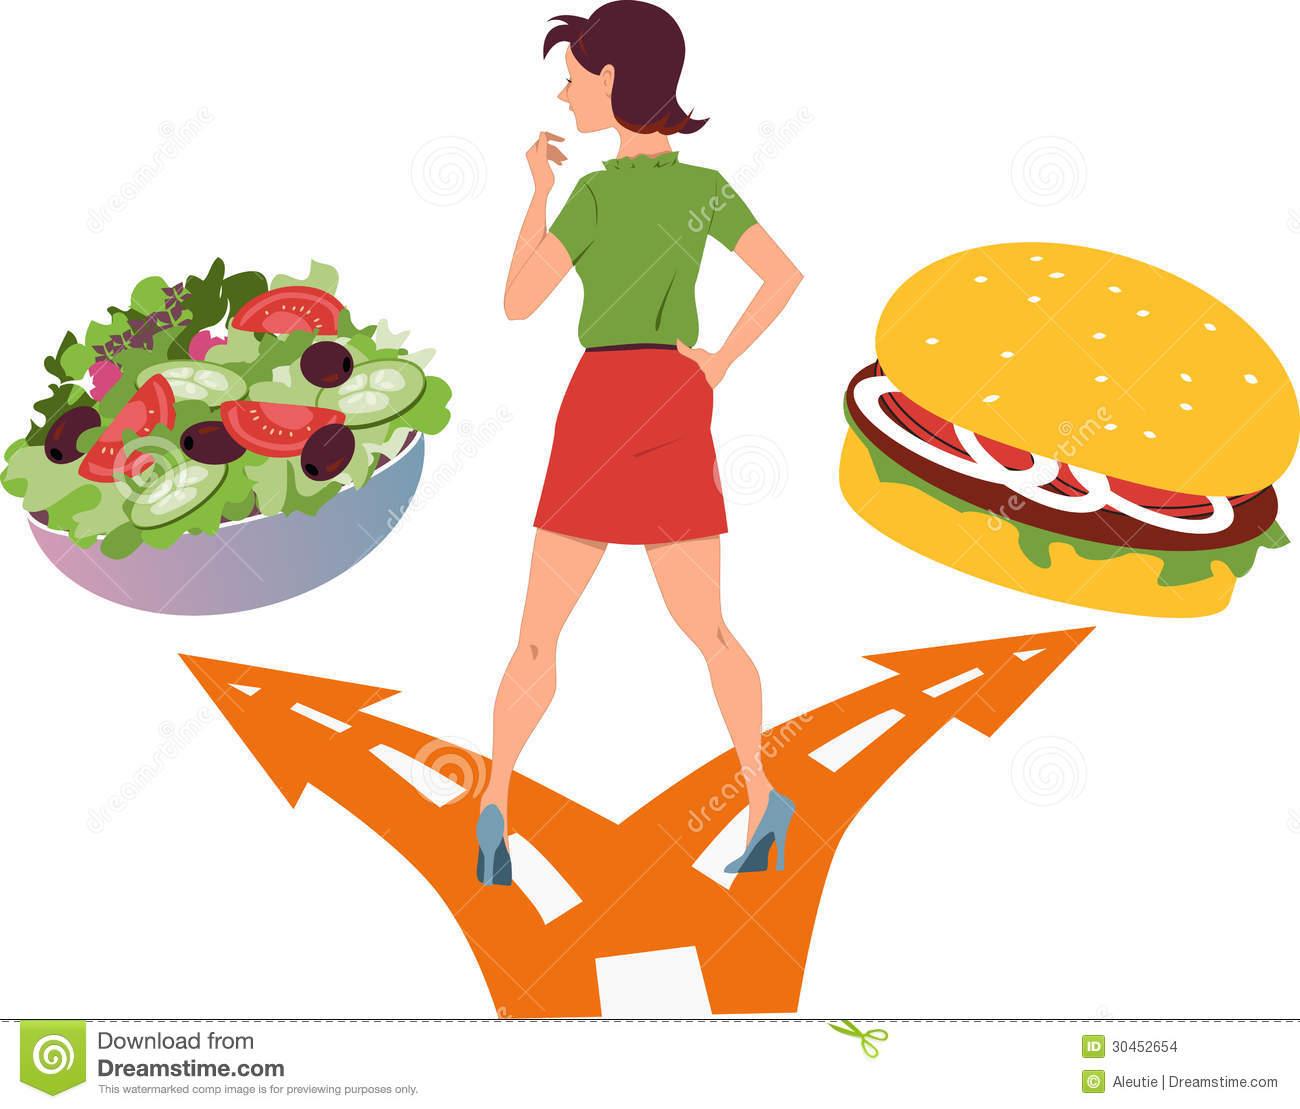 Healthy food vs junk food clipart vector Healthy food vs junk food clipart 8 » Clipart Station vector